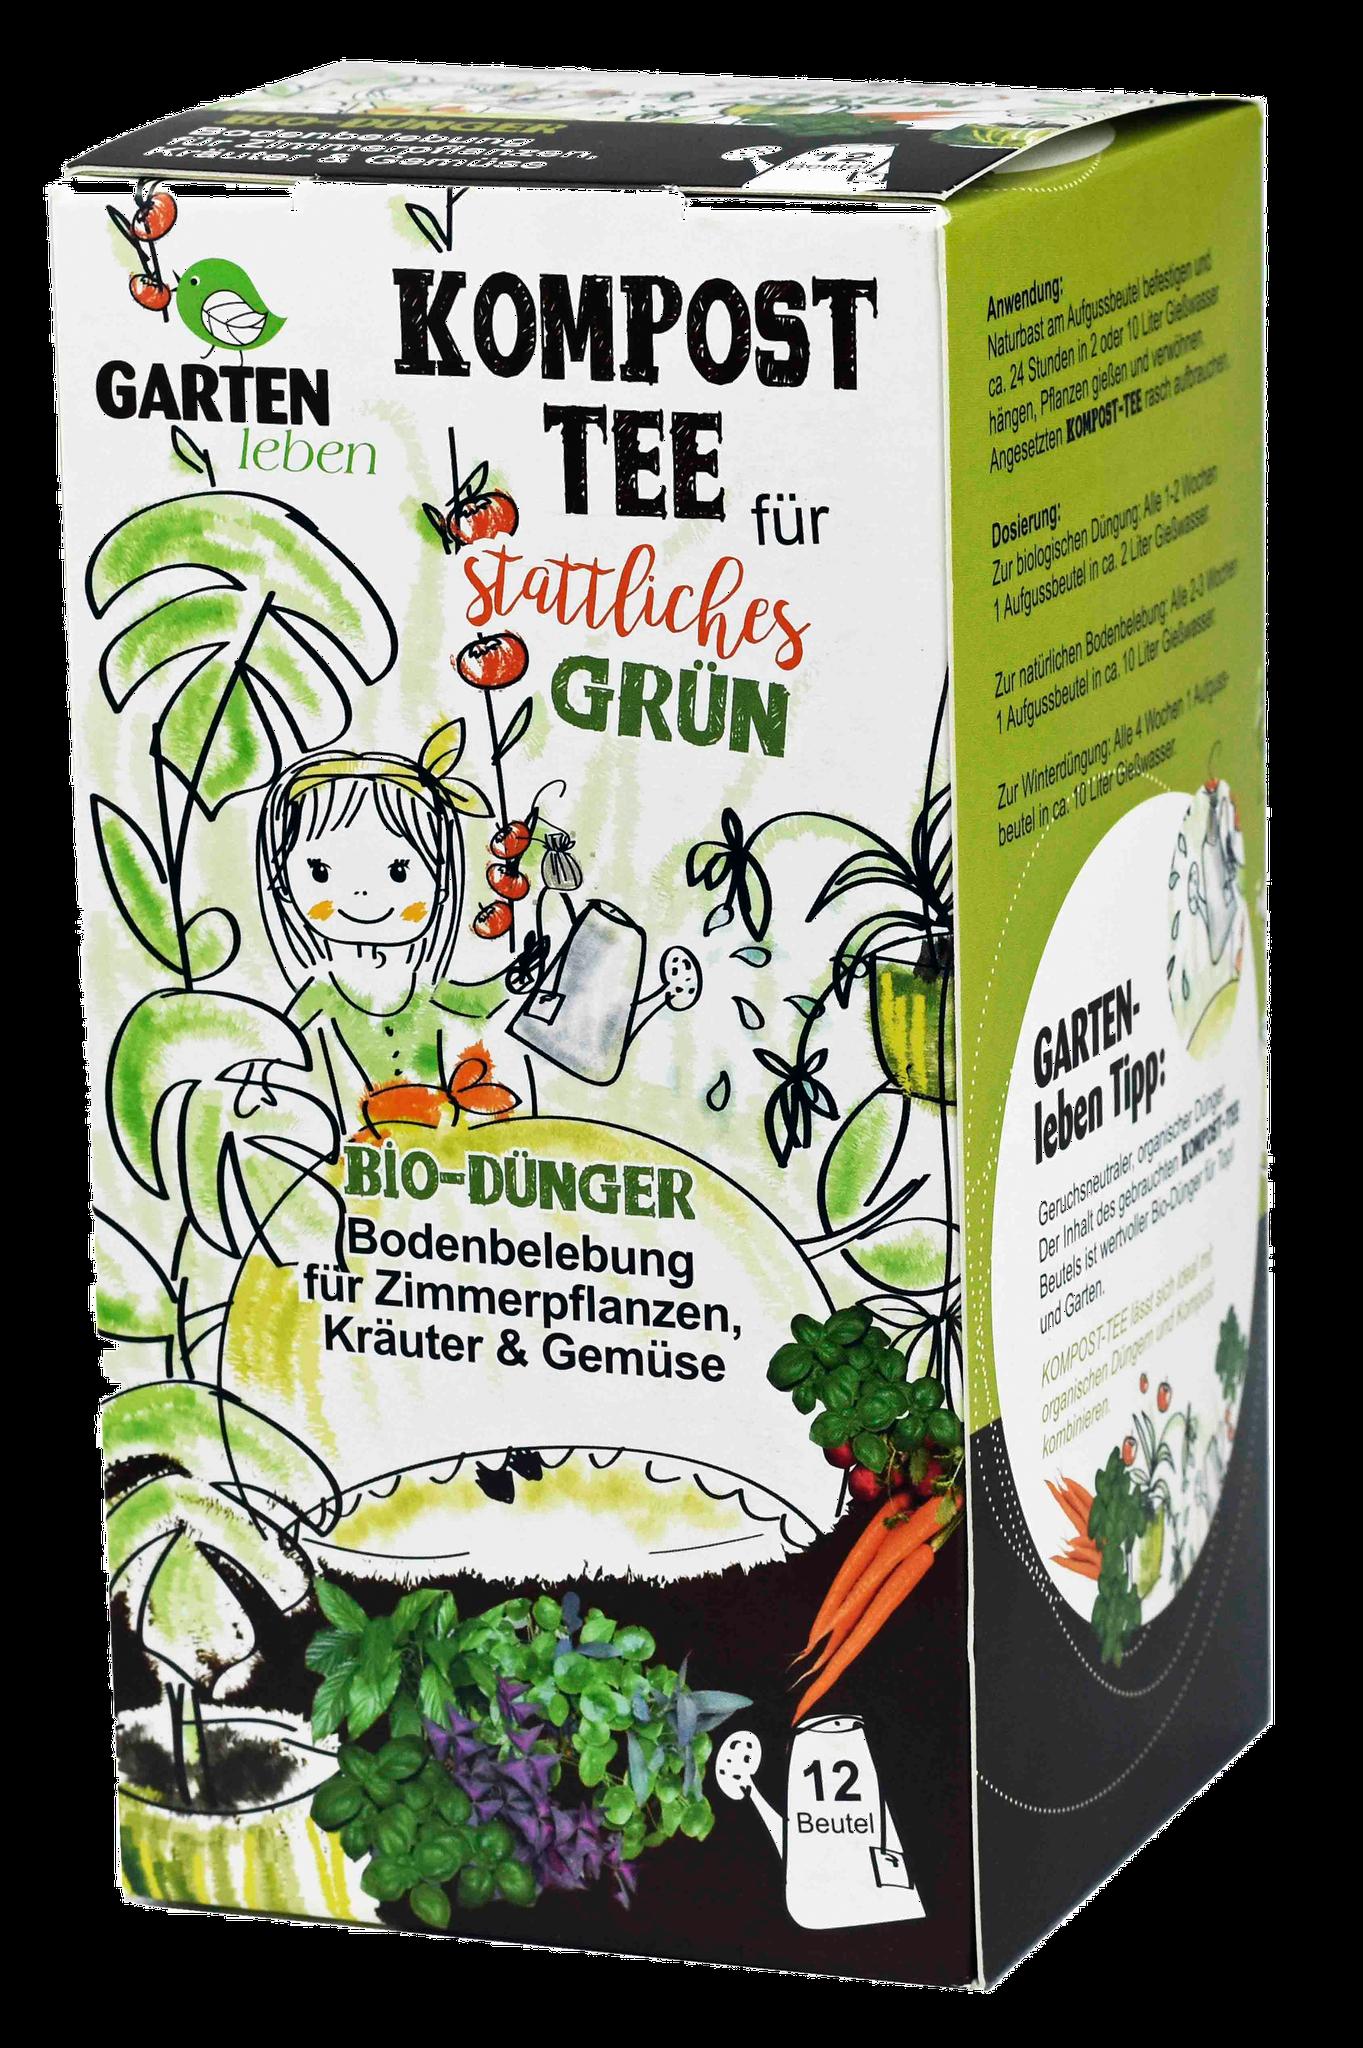 für Grünpflanzen im Innen- und Außenbereich, Kräuter und Gemüse